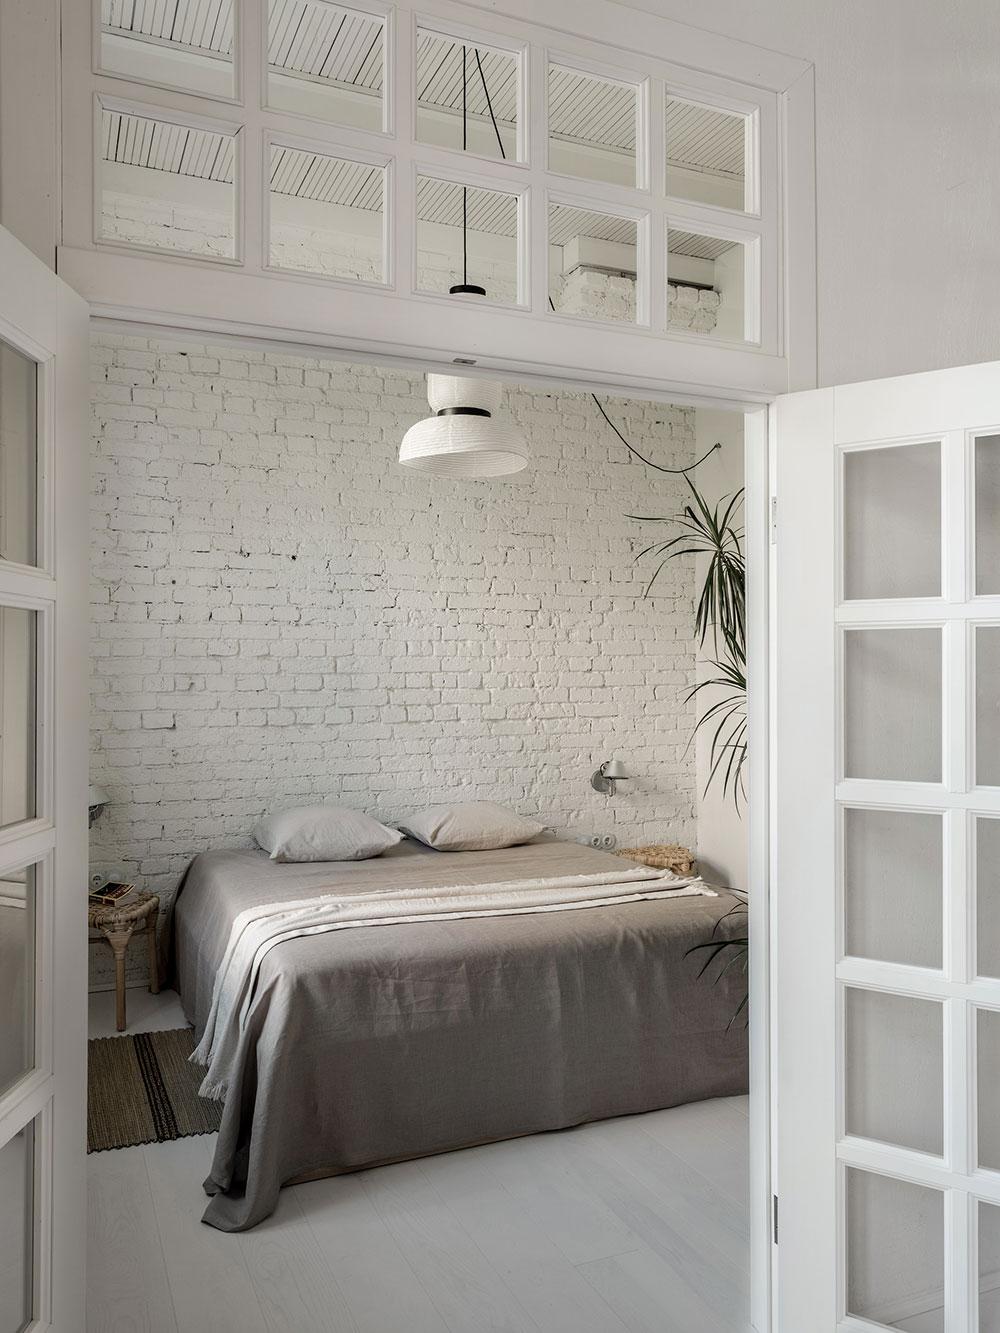 biela spálňa s priznanými tehlovými stenami